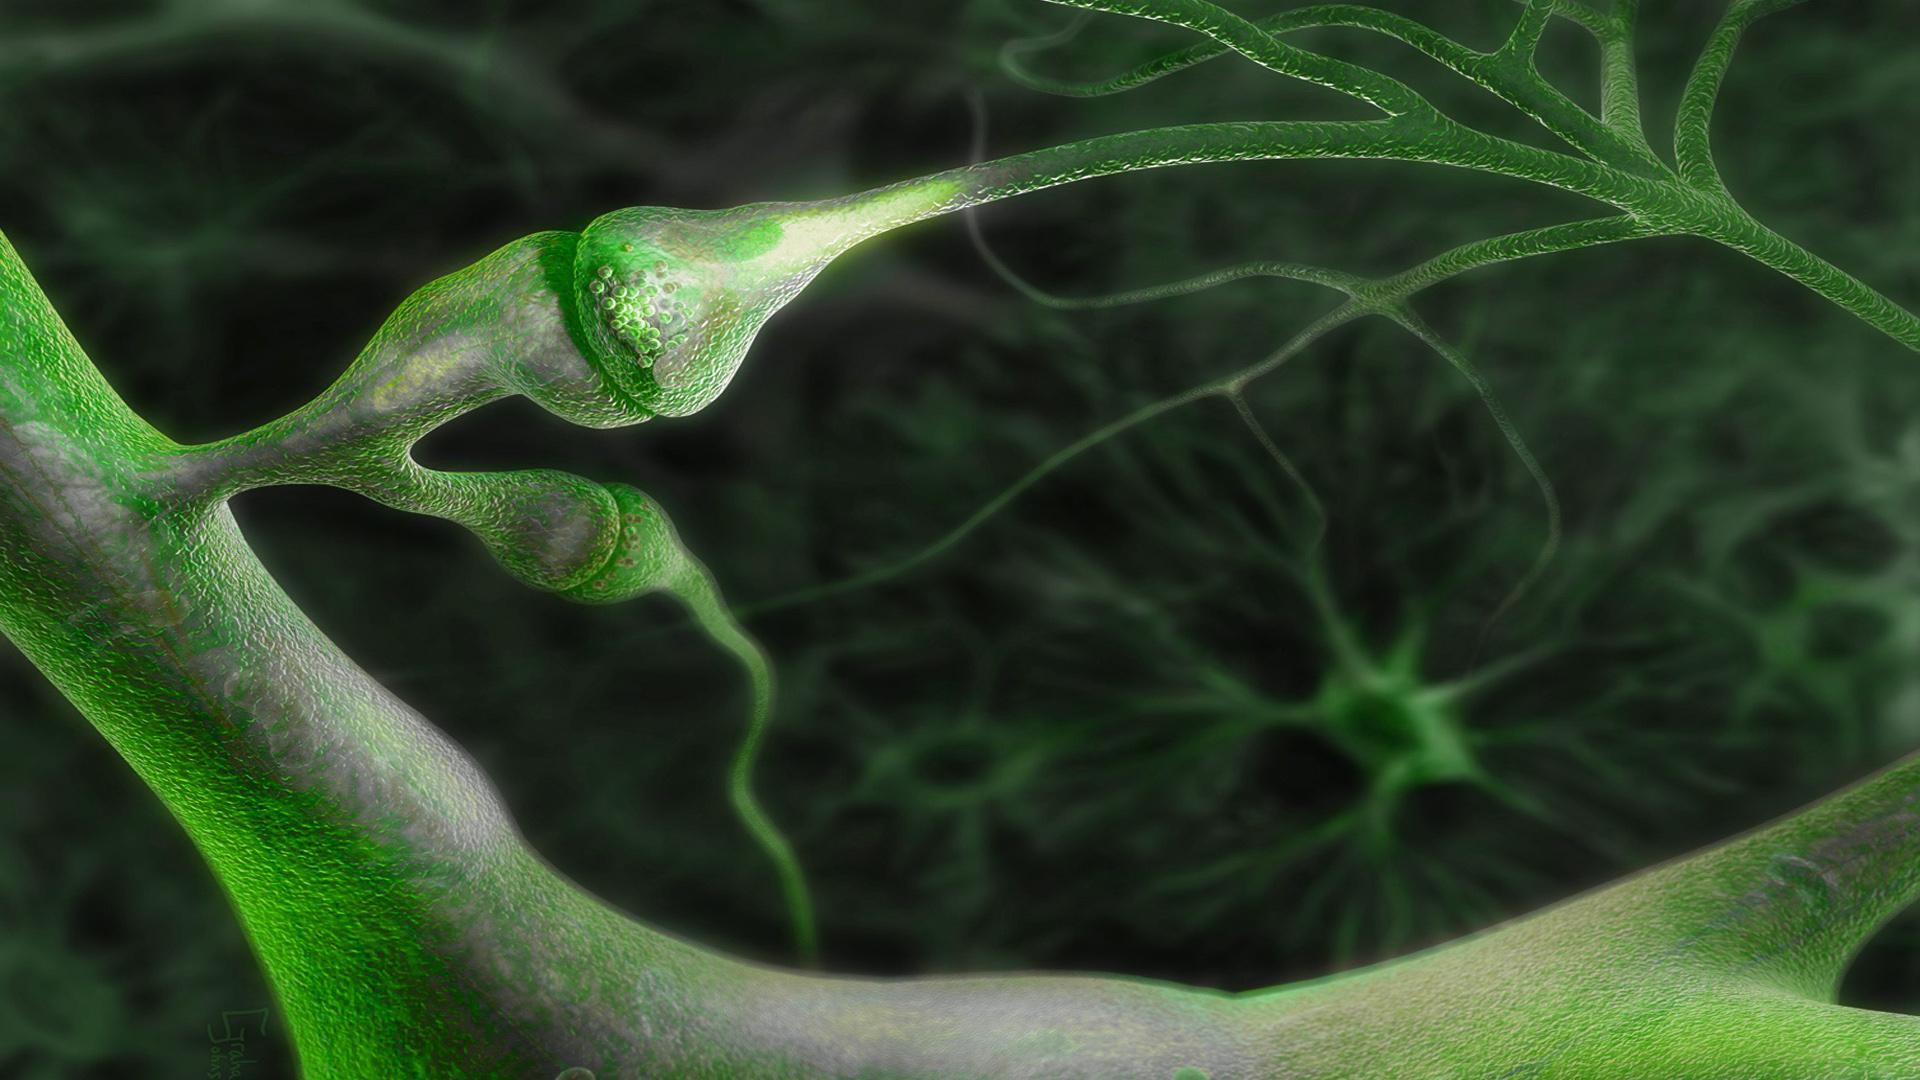 Биологи обнаружили обратное движение сигнала между нейронами